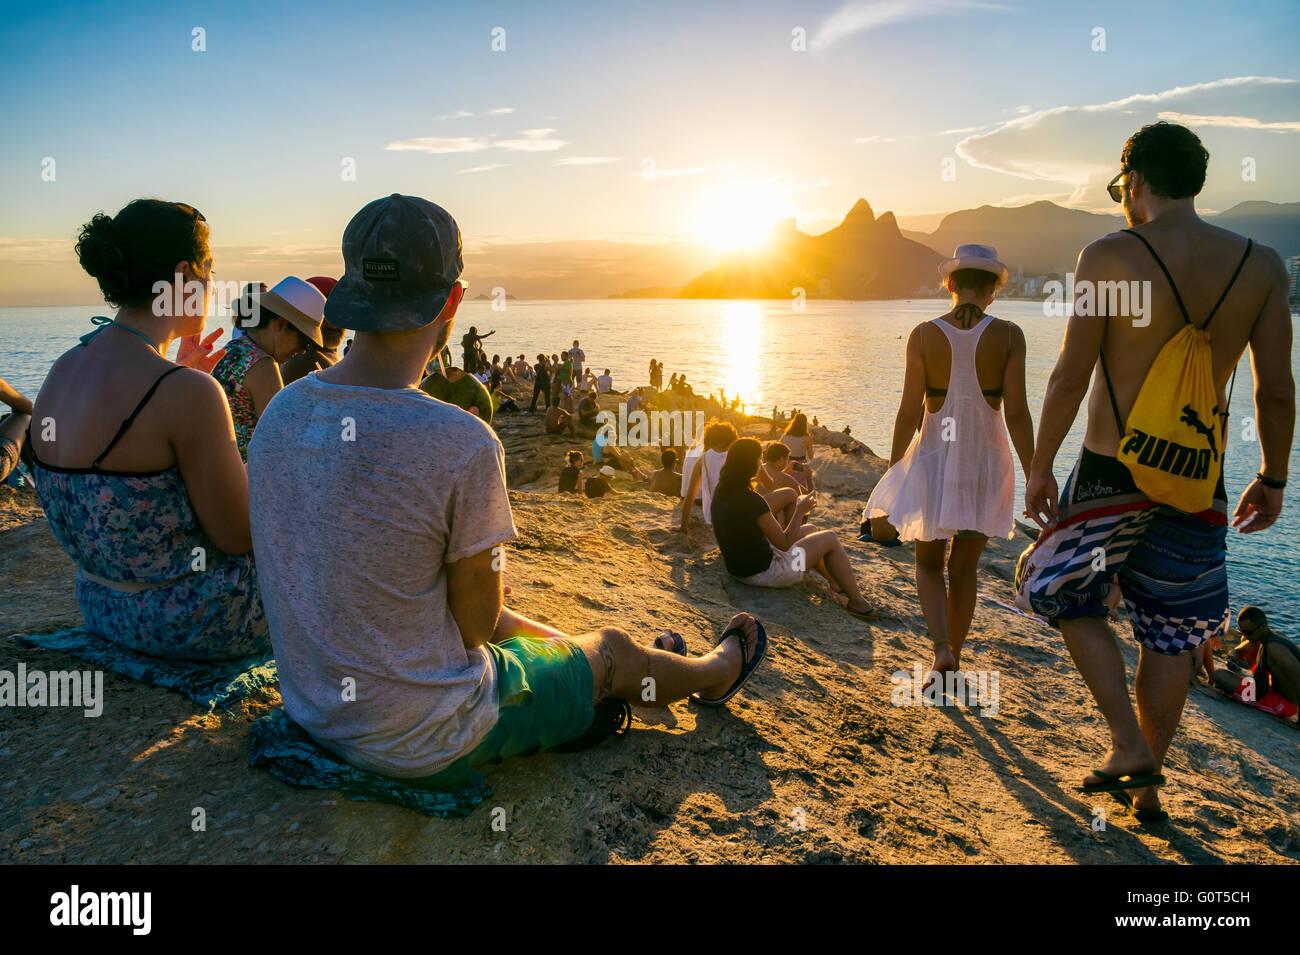 RIO DE JANEIRO - 26 de febrero de 2016: una multitud de personas se reúnen para ver la puesta de sol sobre Imagen De Stock